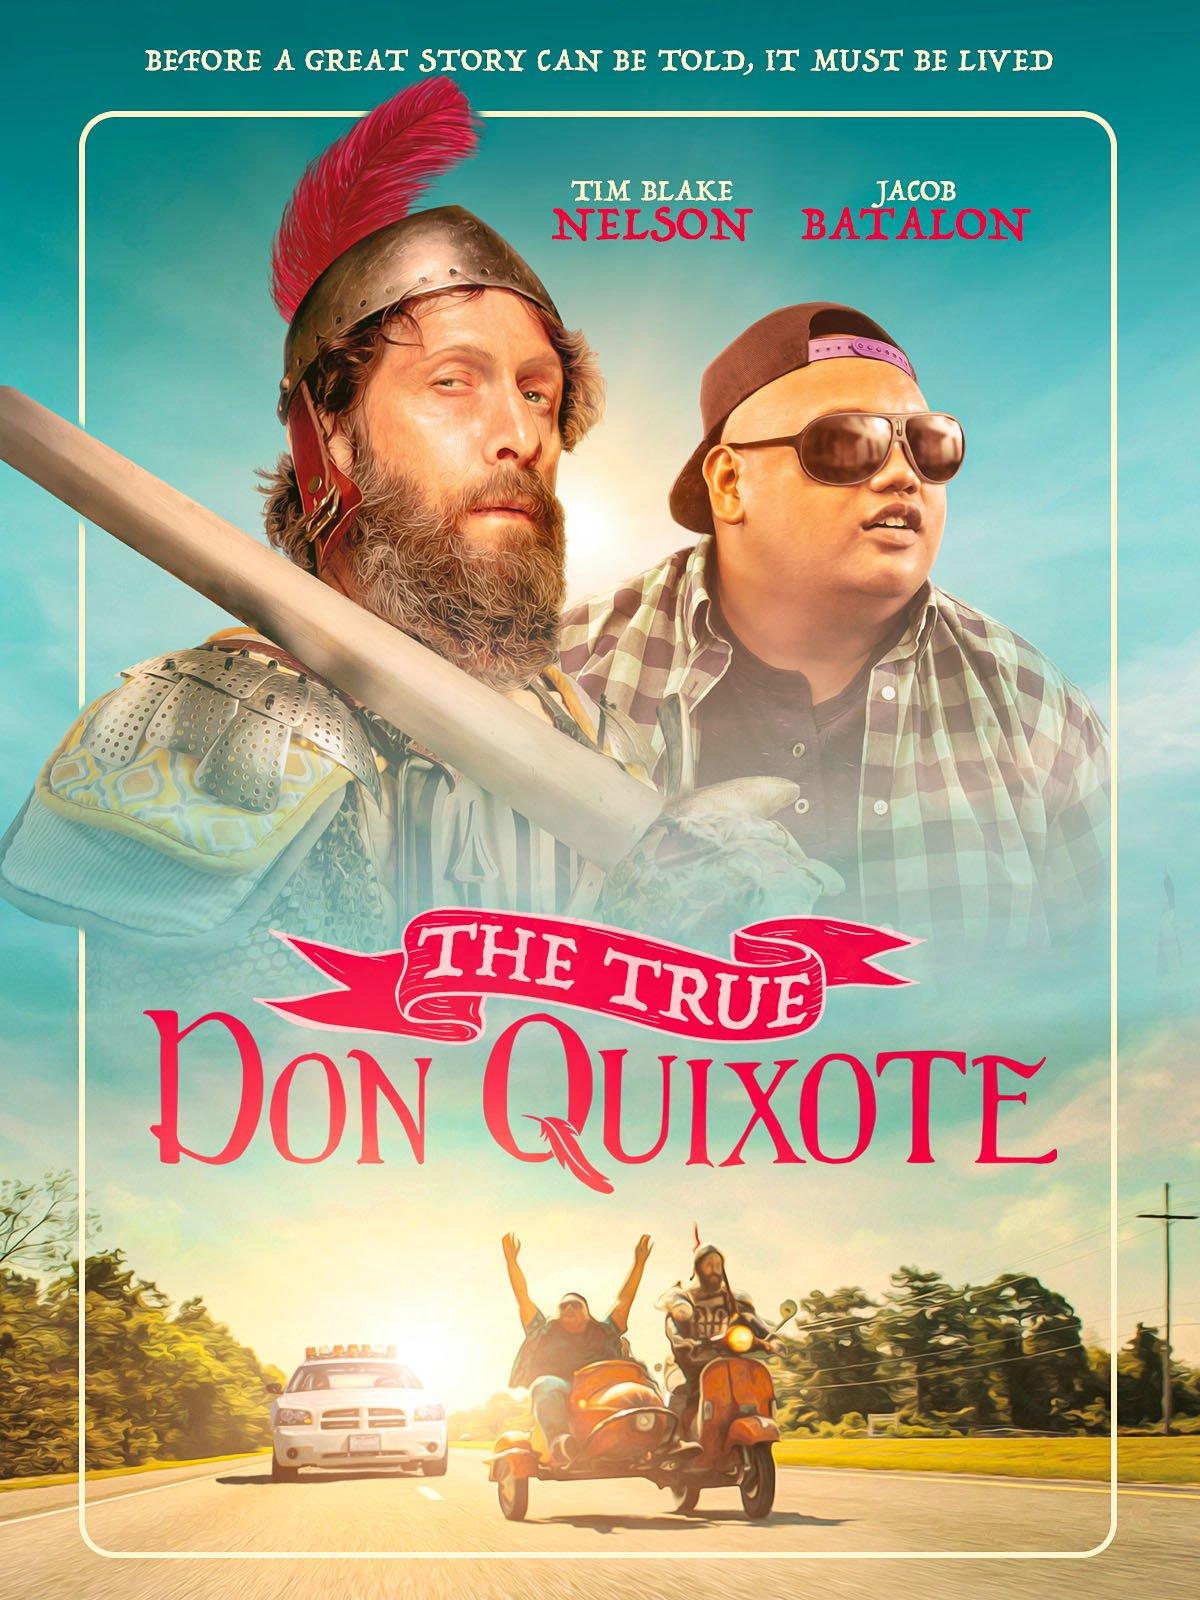 The True Don Quixote (Signature Entertainment) Artwork